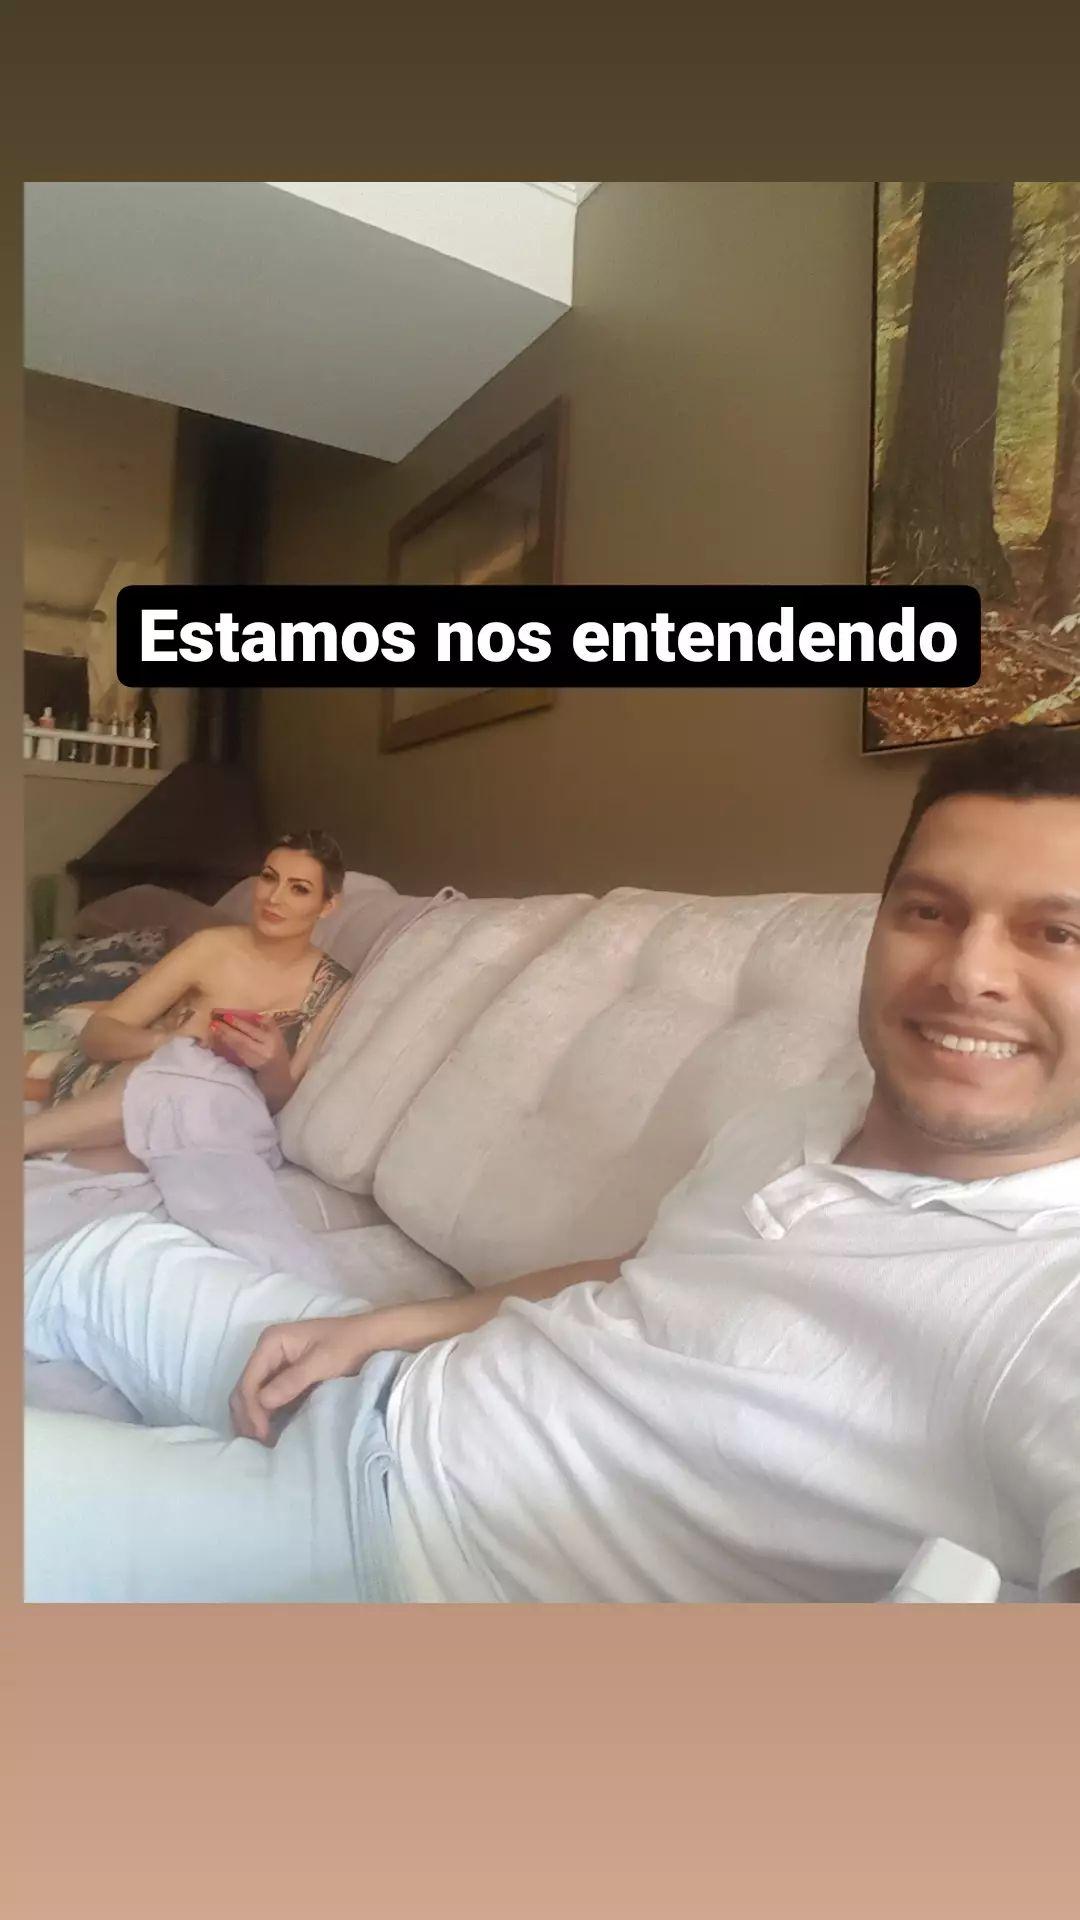 Andressa Urach e Thiago Lopes posaram juntos